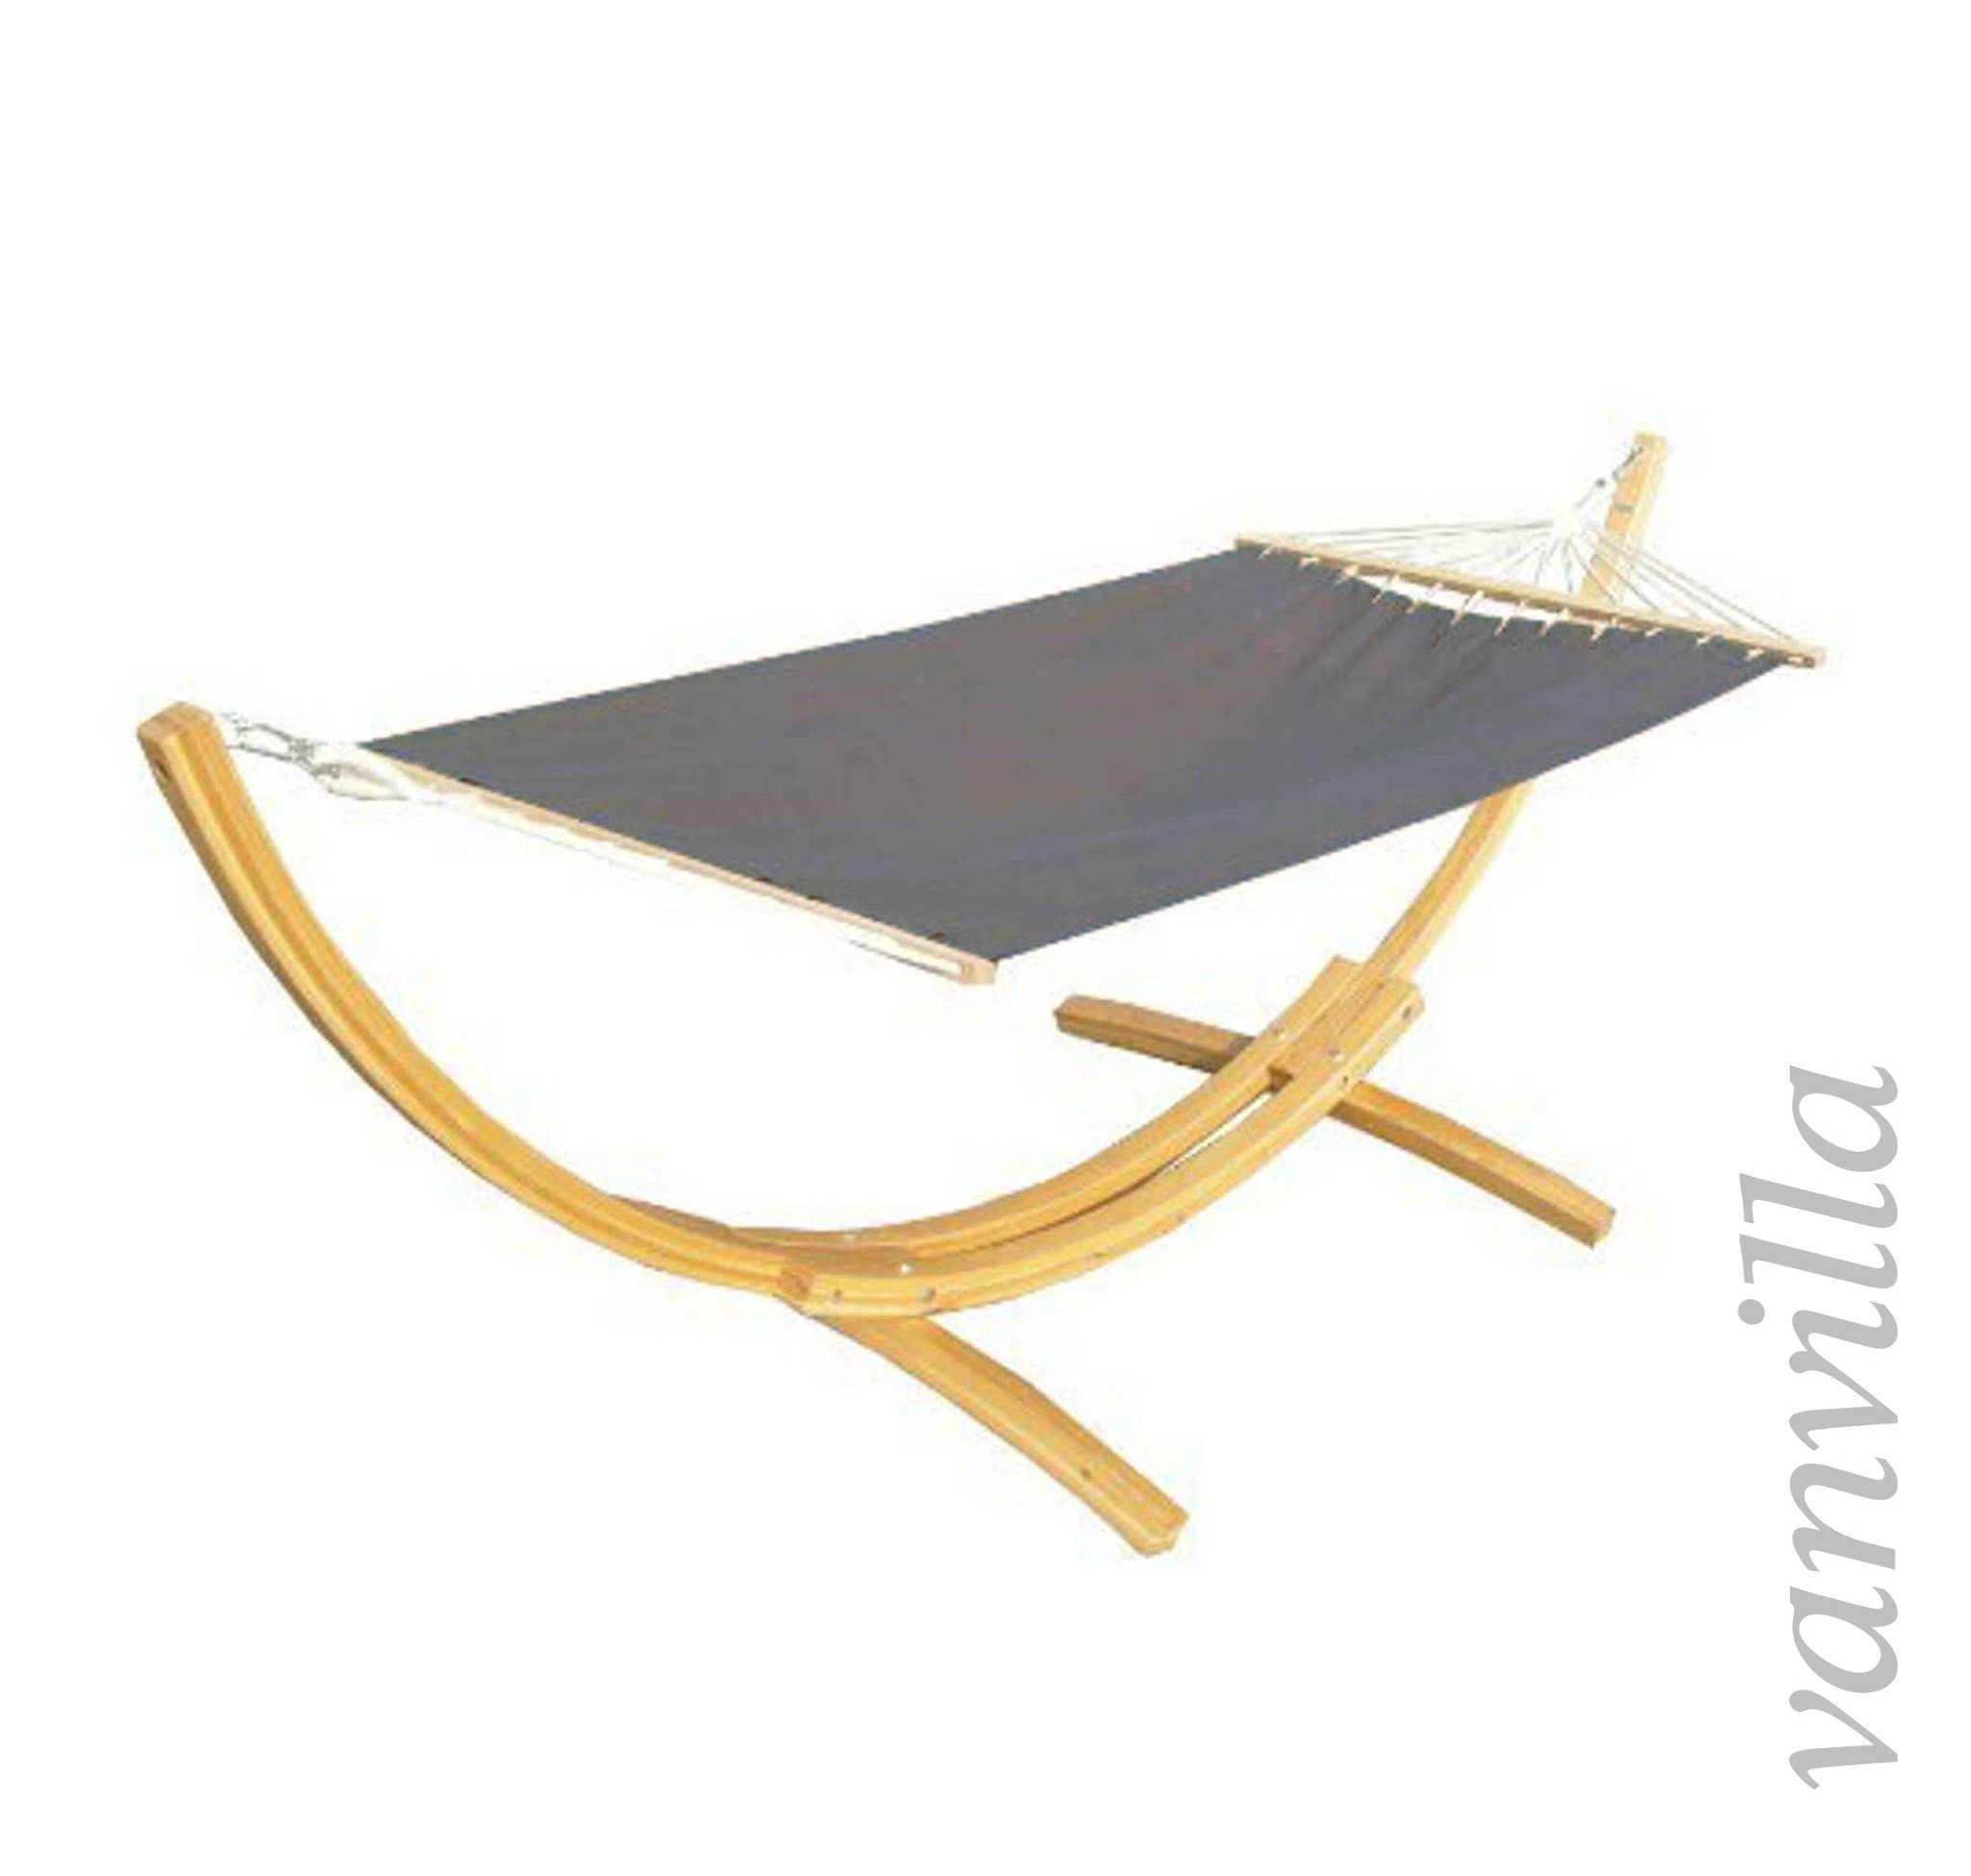 vanvilla h ngematte holz mit gestell h ngemattengestell. Black Bedroom Furniture Sets. Home Design Ideas